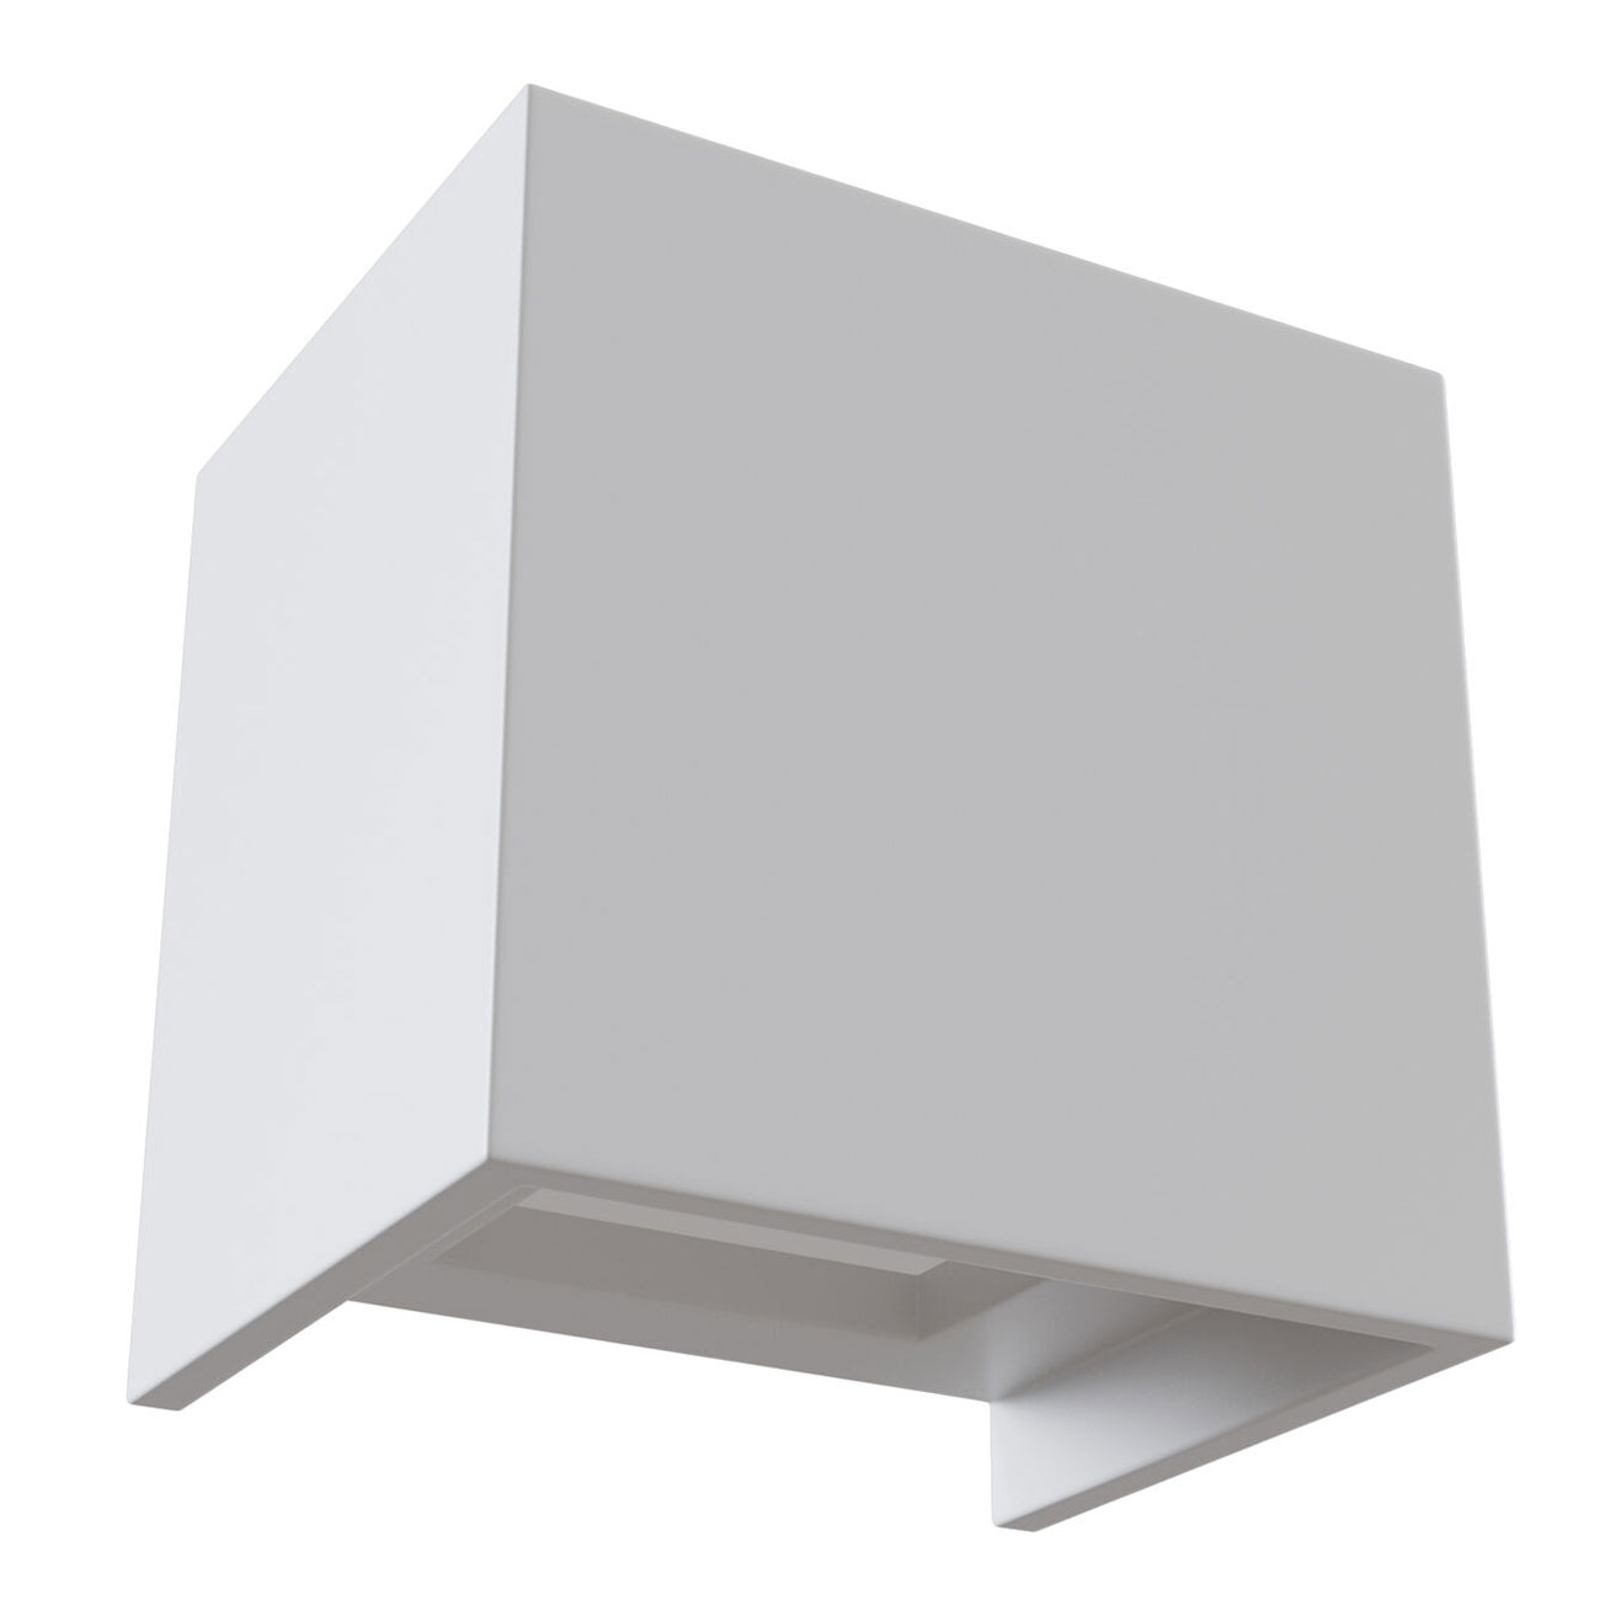 LED-Wandleuchte Parma aus Gips, 10x10 cm